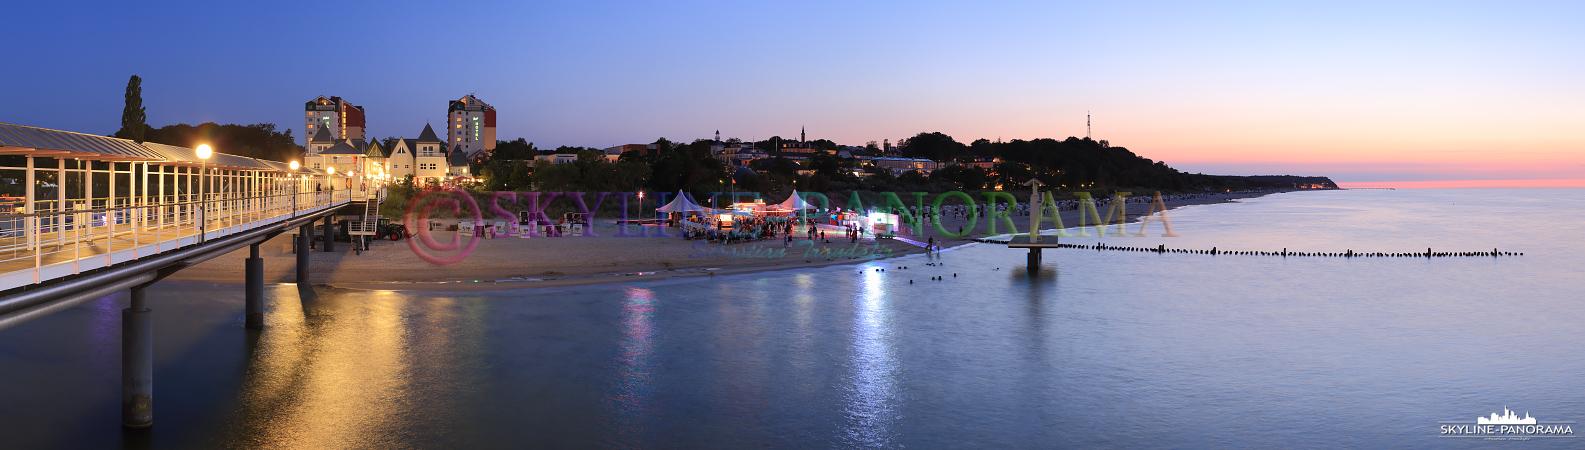 Ostsee Bilder Insel Usedom - Panorama von der Seebrücke Heringsdorf auf den abendlichen Strand kurz nach Sonnenuntergang.